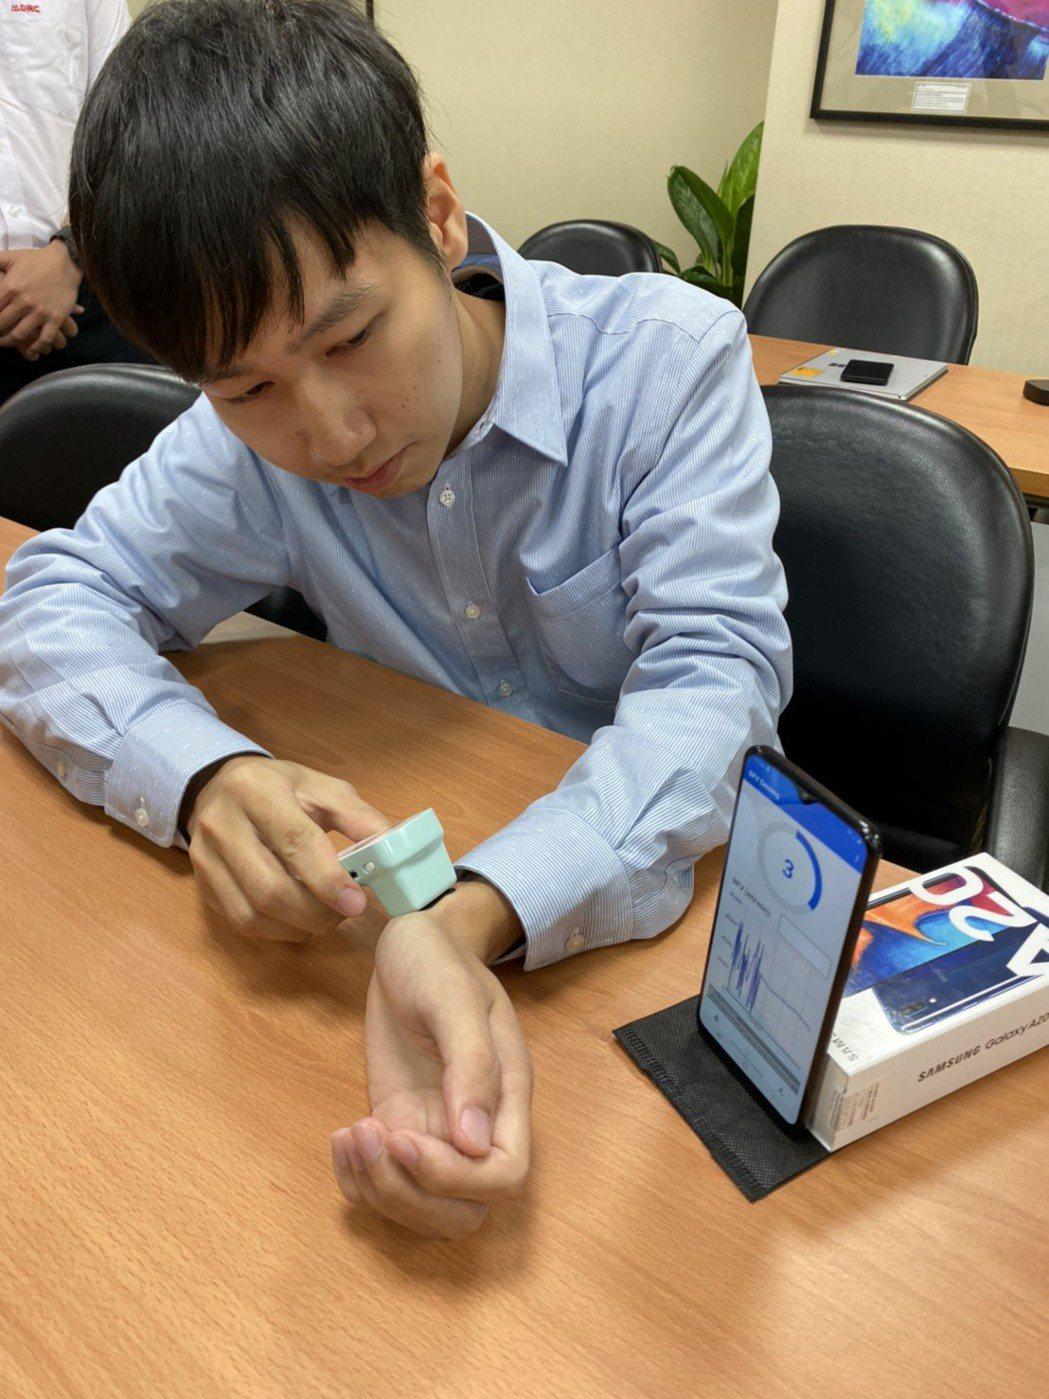 感測器是以光學感應皮下血管傳來的訊號,藉由量測血管的光體積變化描記圖訊號(PPG...